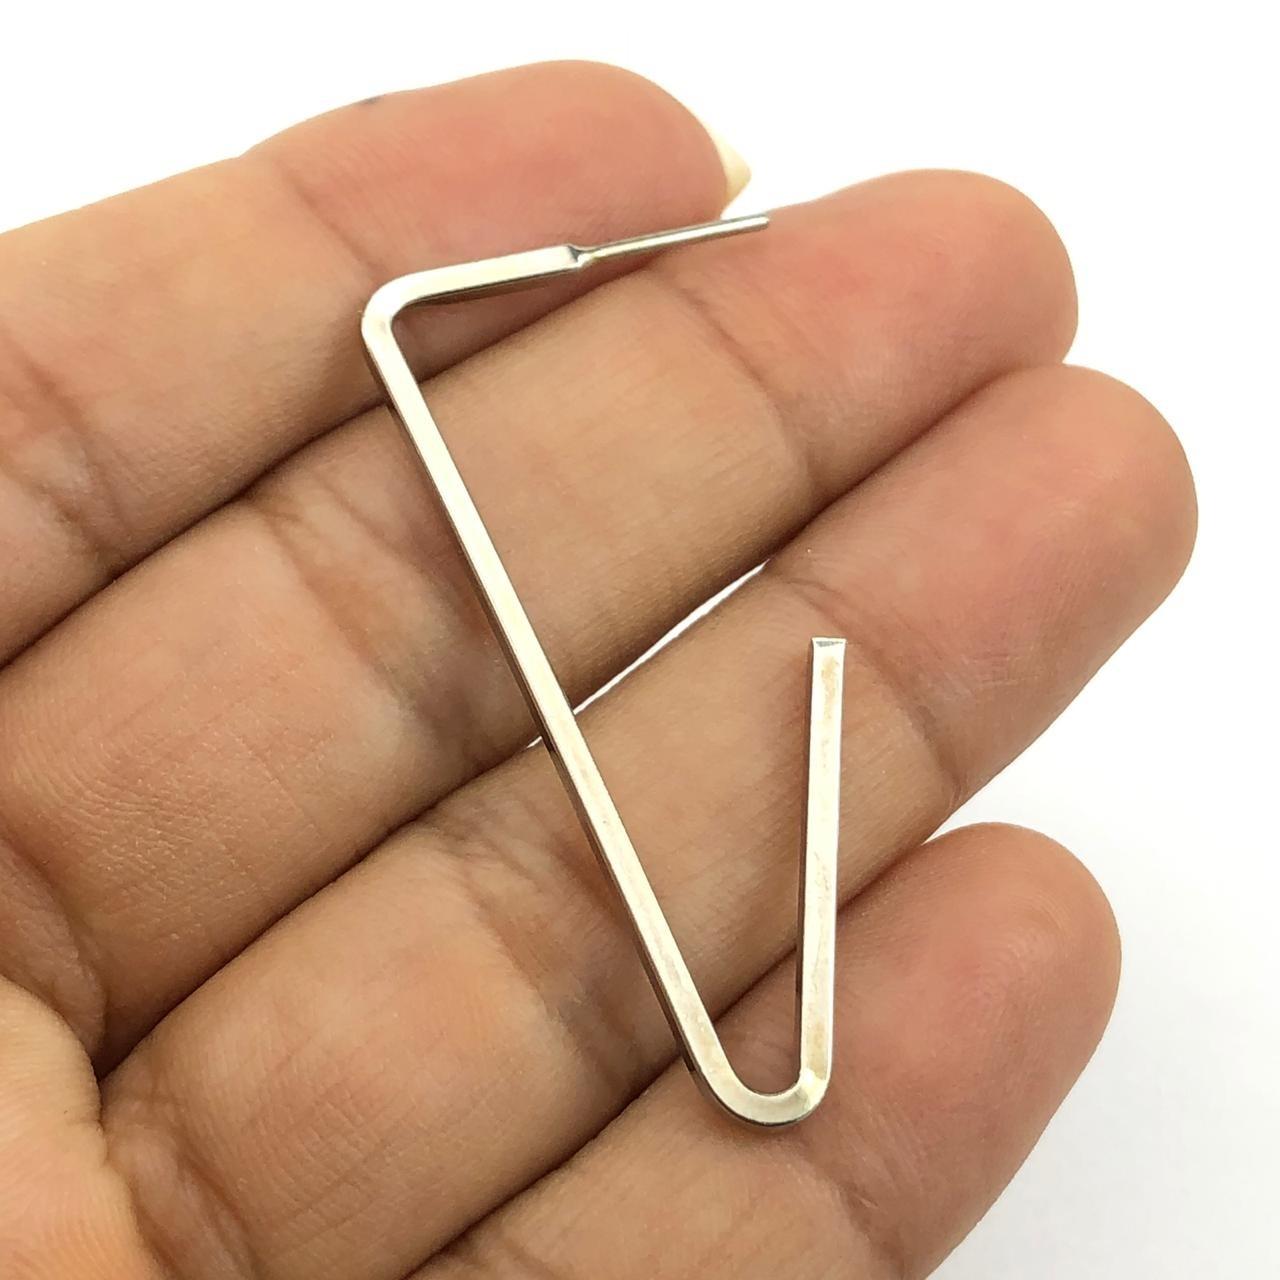 AG02 - Argola Triangular Folheado Ródio Branco - 01Par